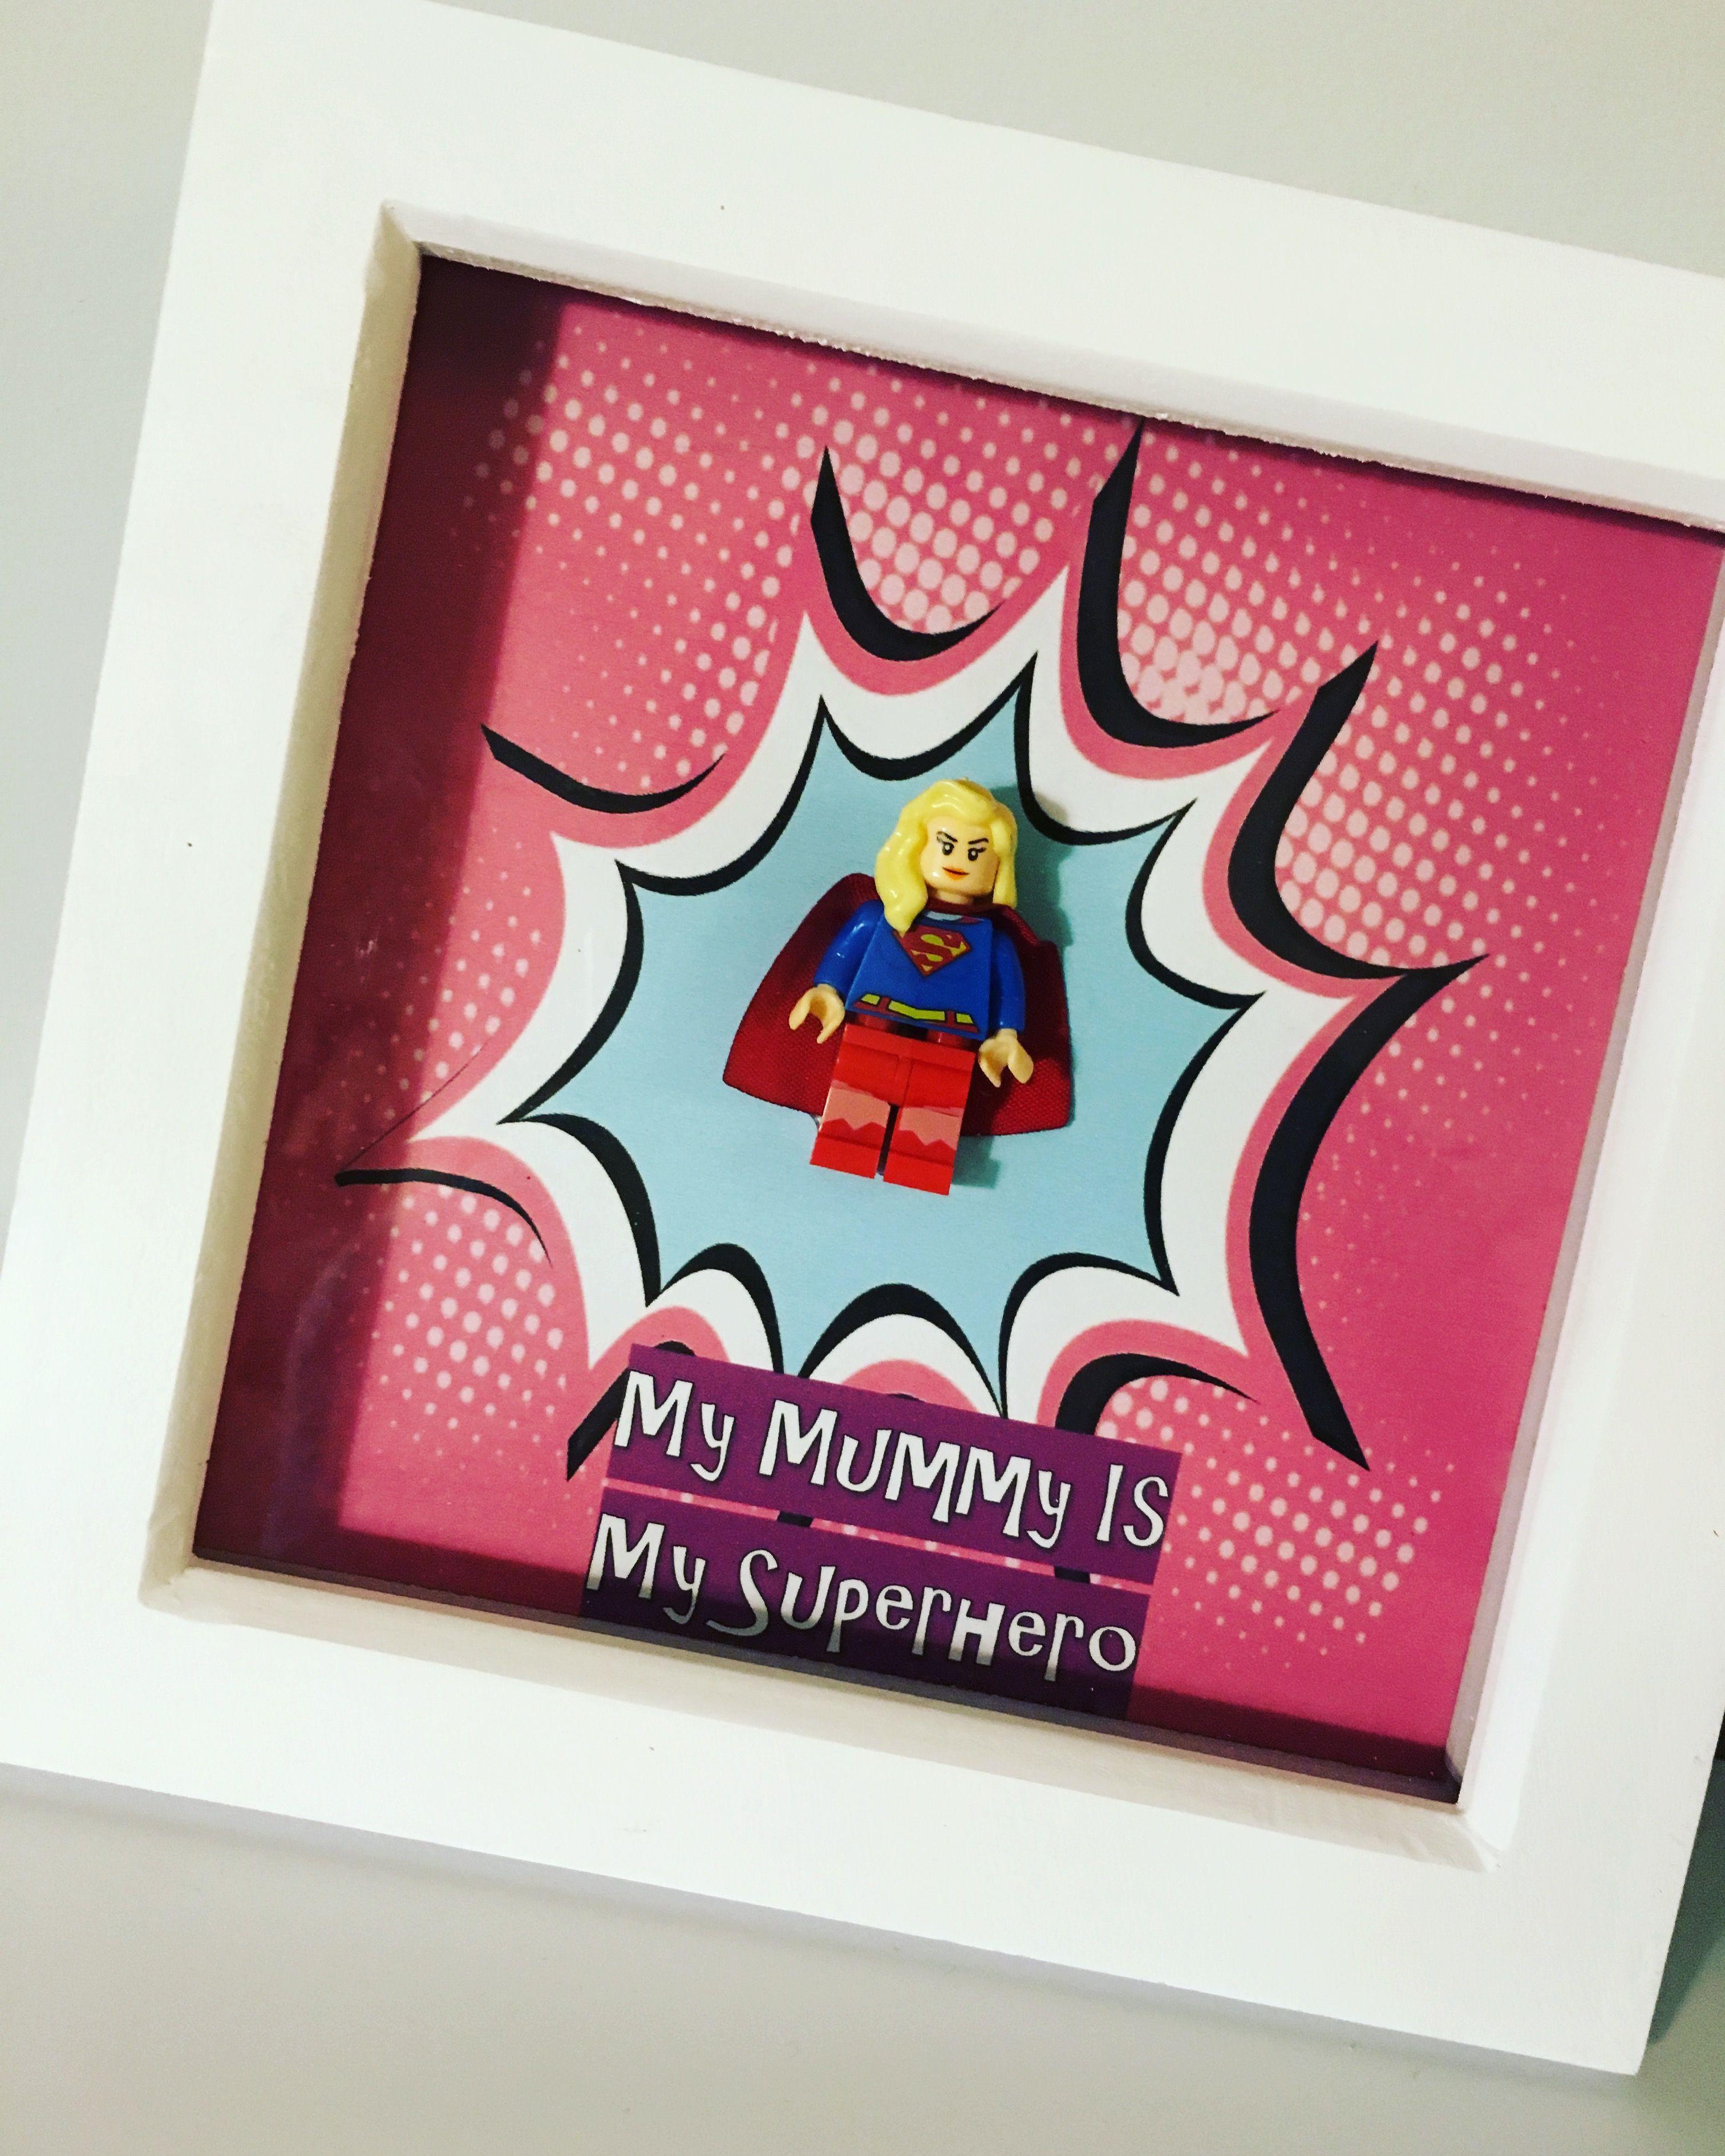 https://www.etsy.com/uk/listing/496187253/mother-superhero-frame-christmas-gift https://www.etsy.com